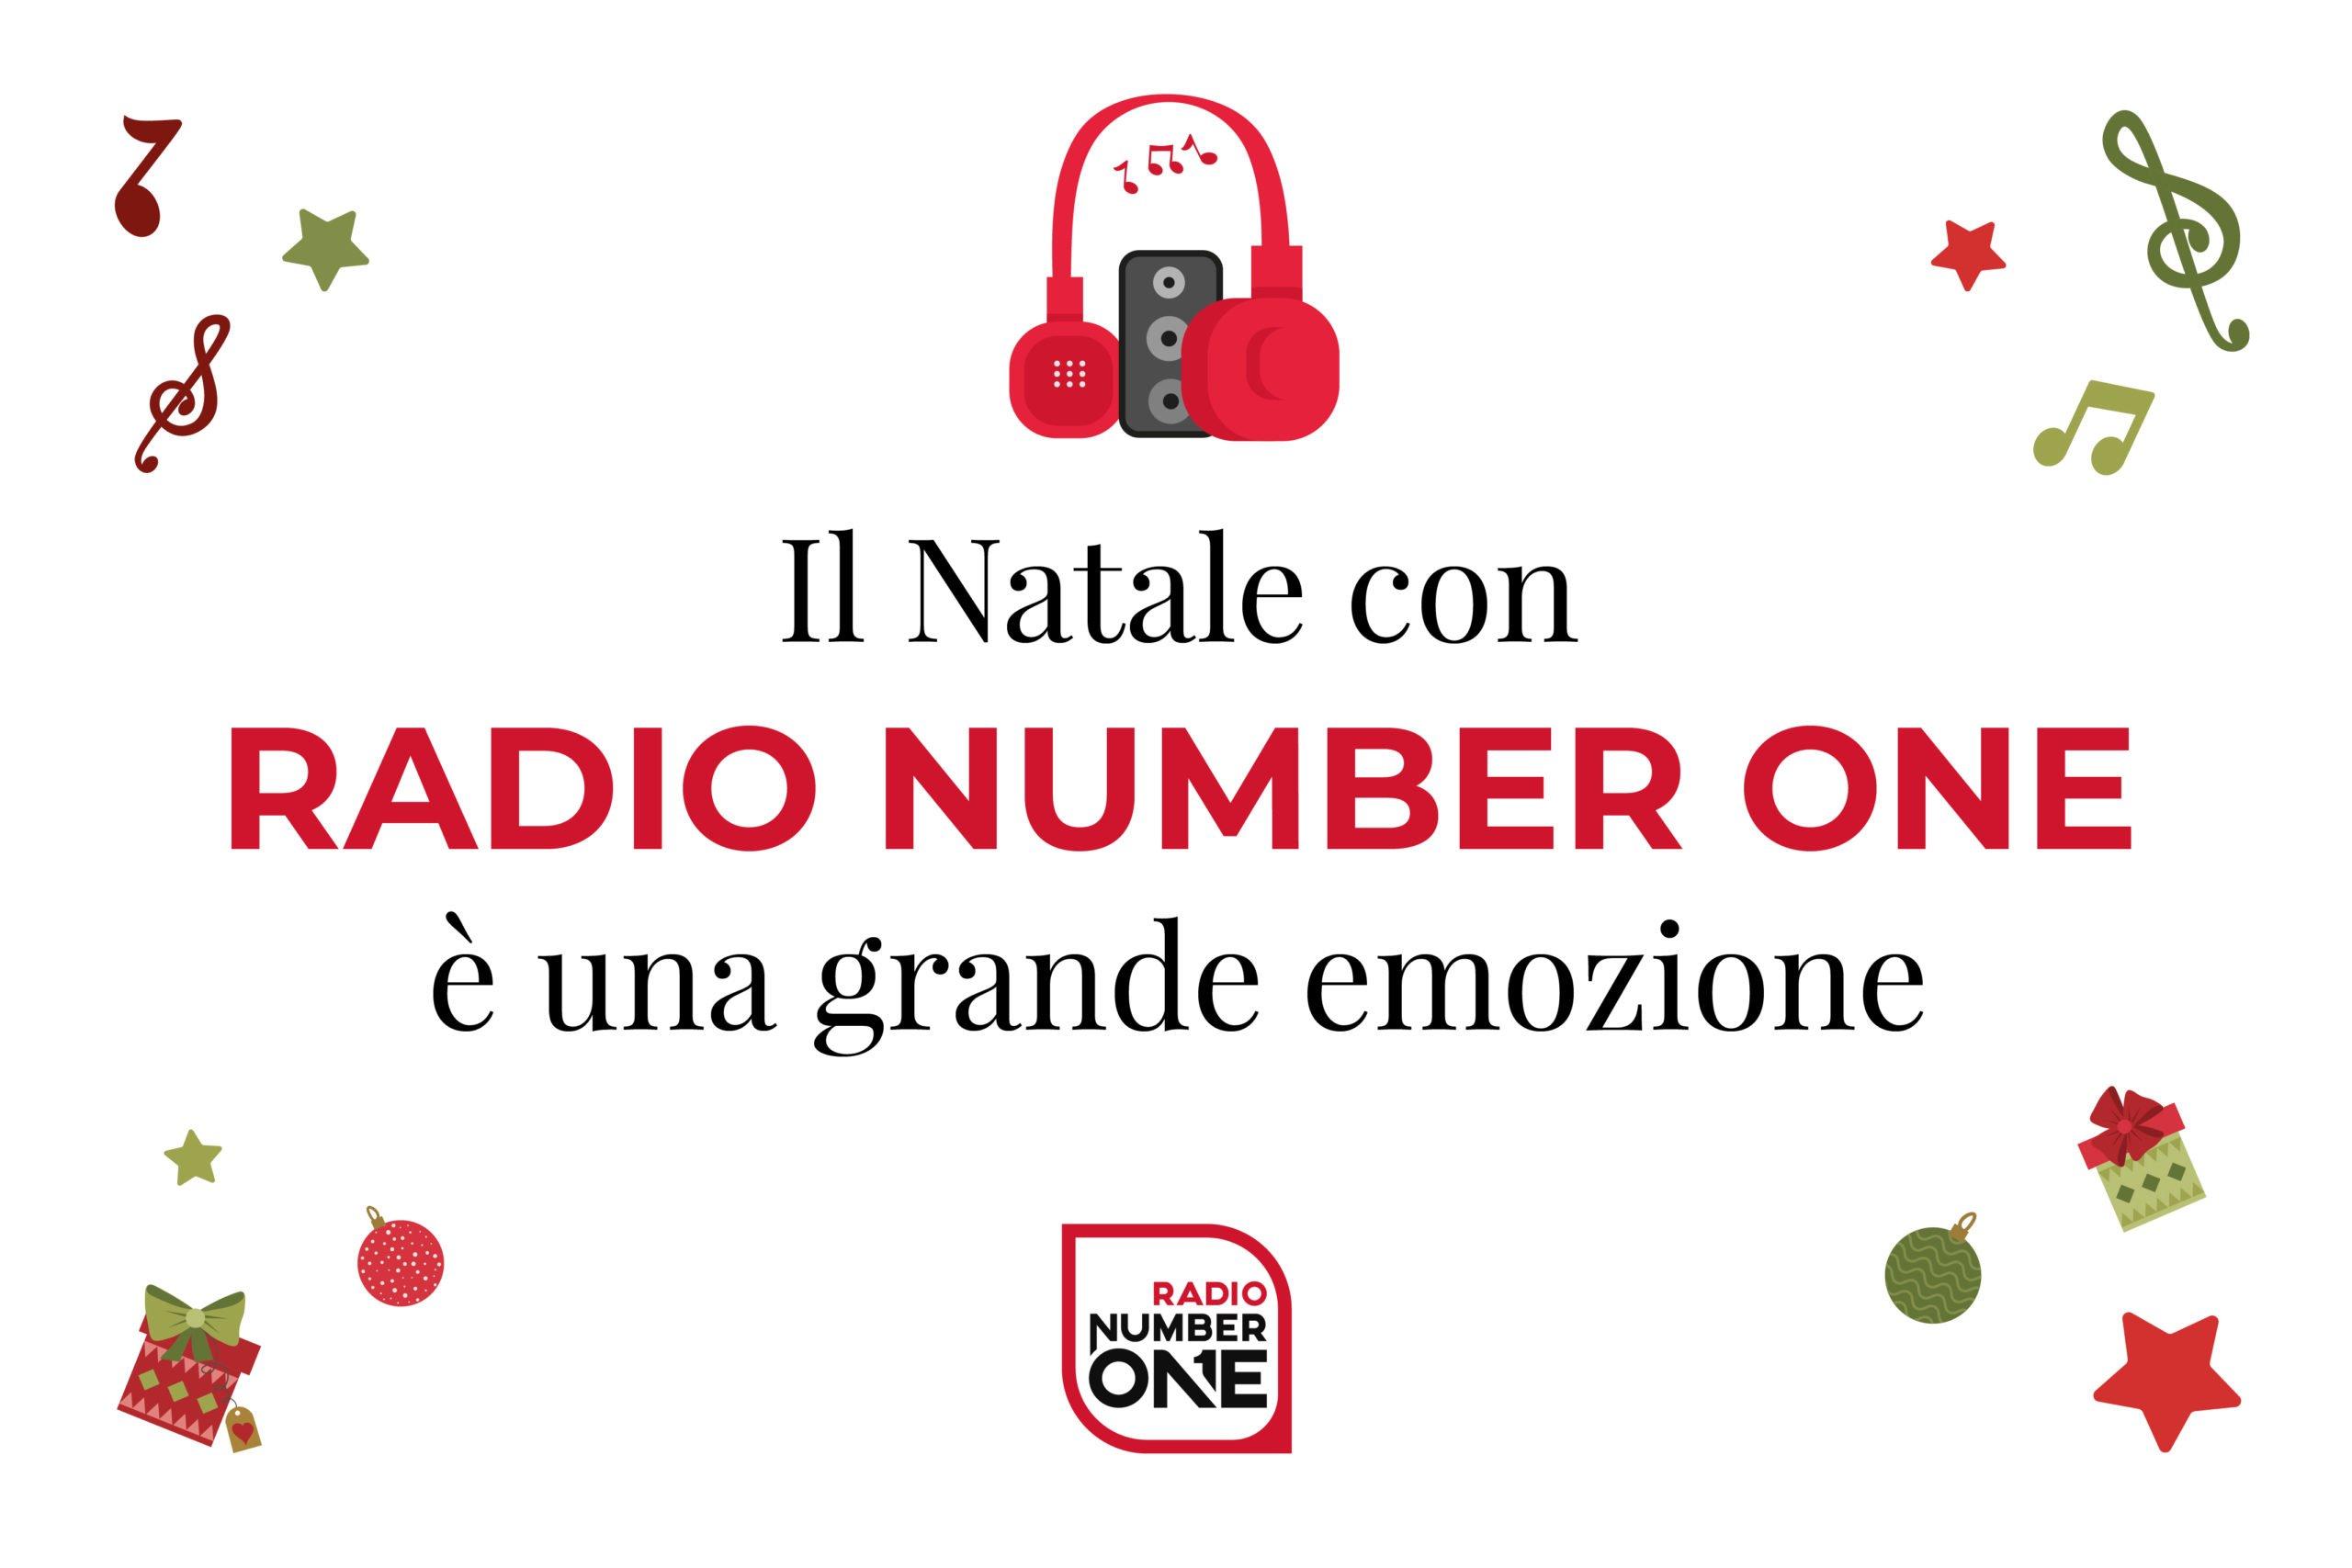 Natale con Radio Number One è una grande emozione